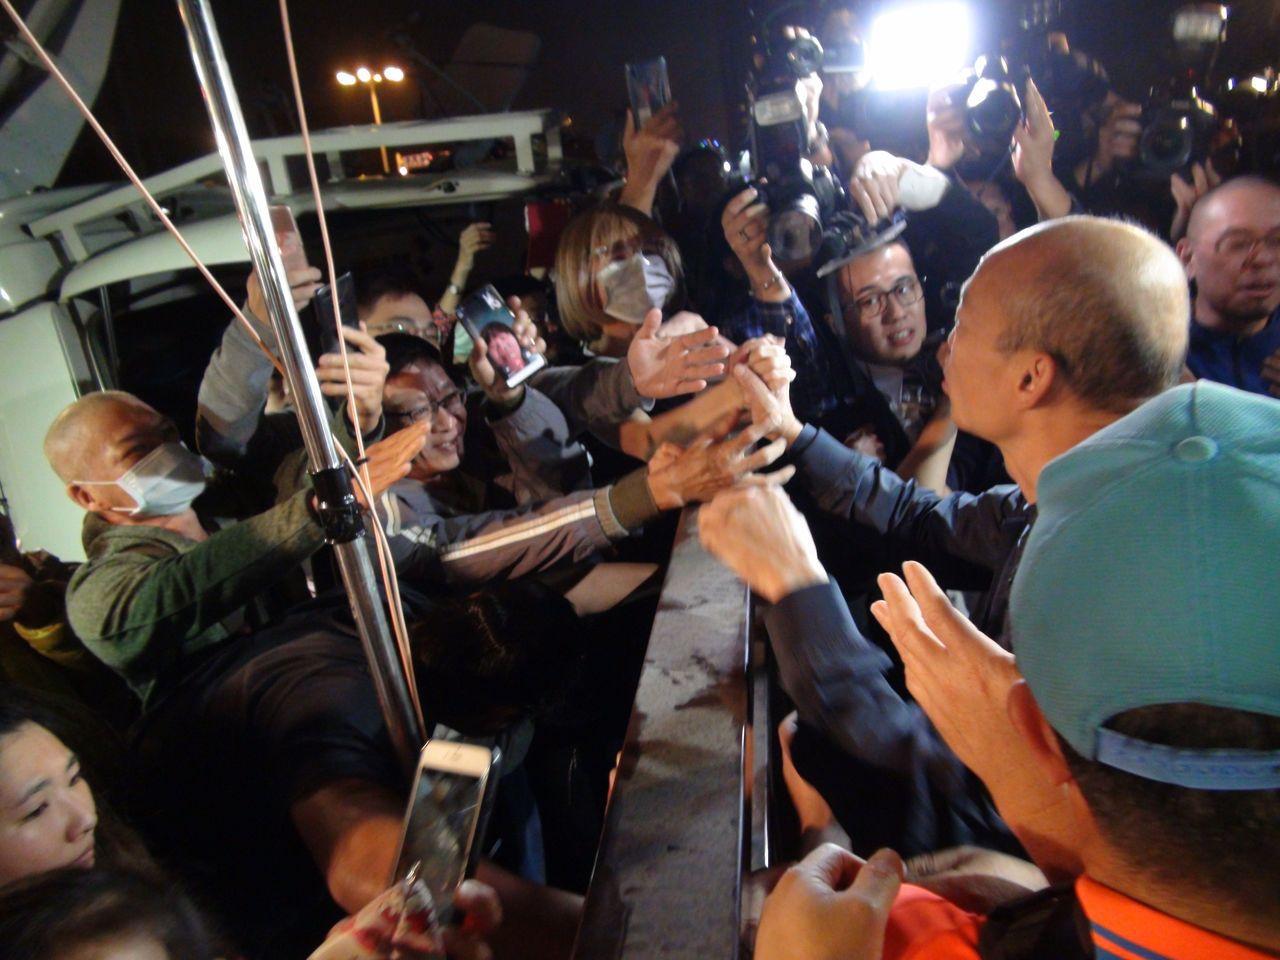 高雄市長韓國瑜到果菜市場受到民眾熱烈歡迎。記者謝梅芬/攝影